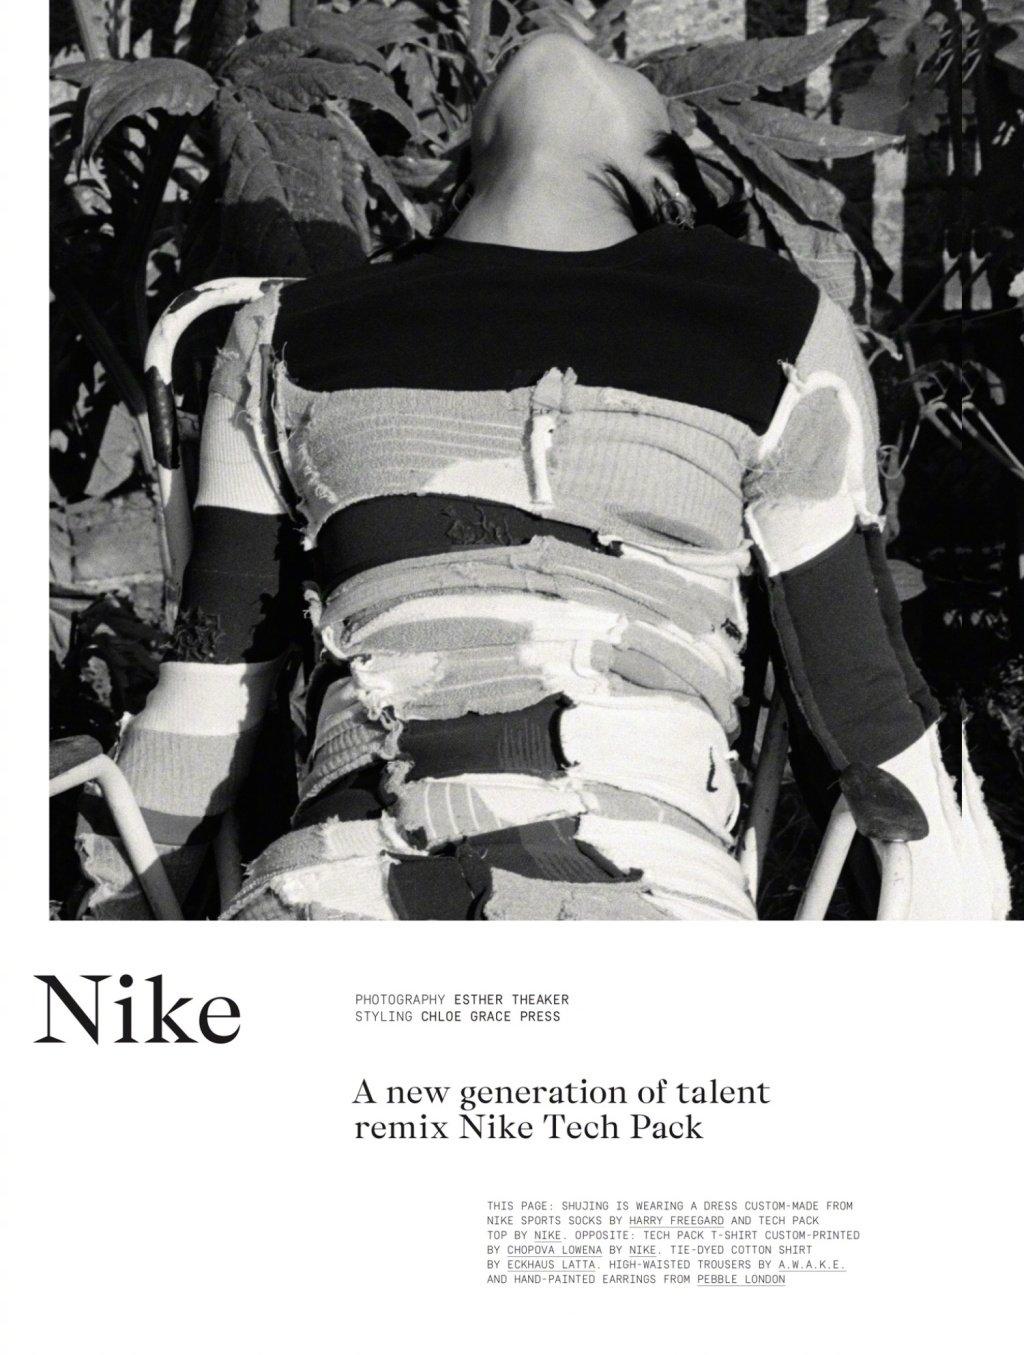 周淑婧出镜another杂志新刊时装大片, 用运动品牌nike混搭设计师单品图片